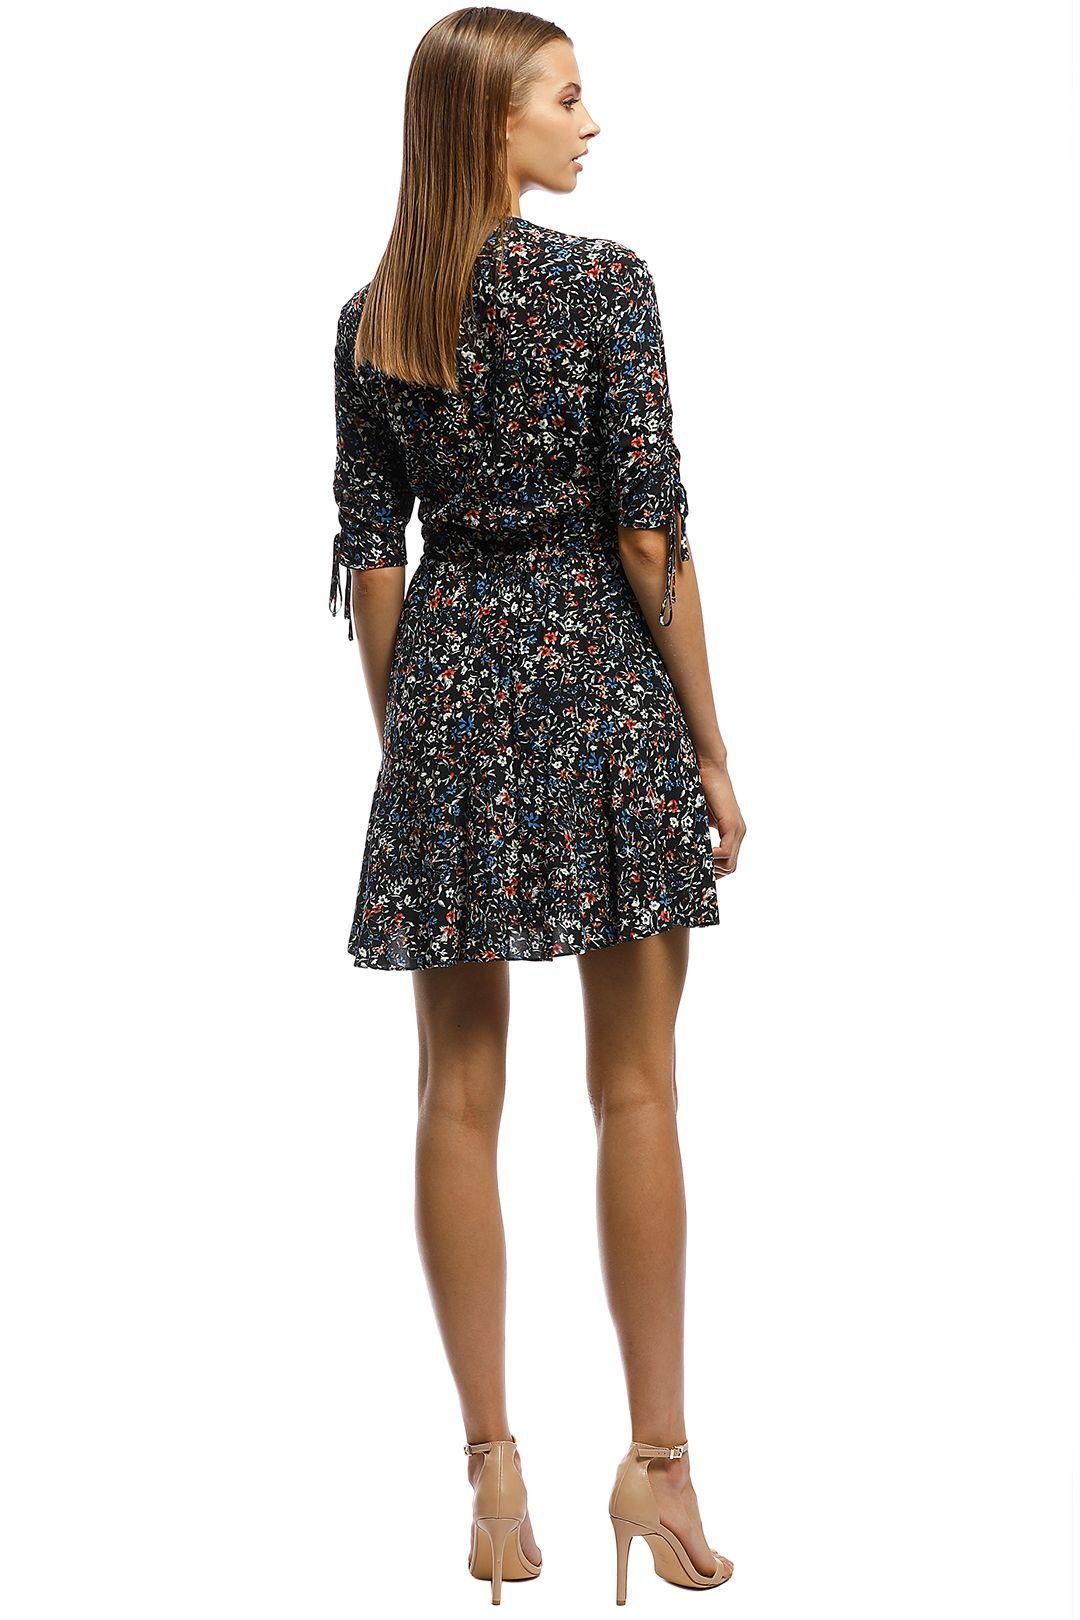 Rodeo Show-Secret Garden Dress-Print-Back